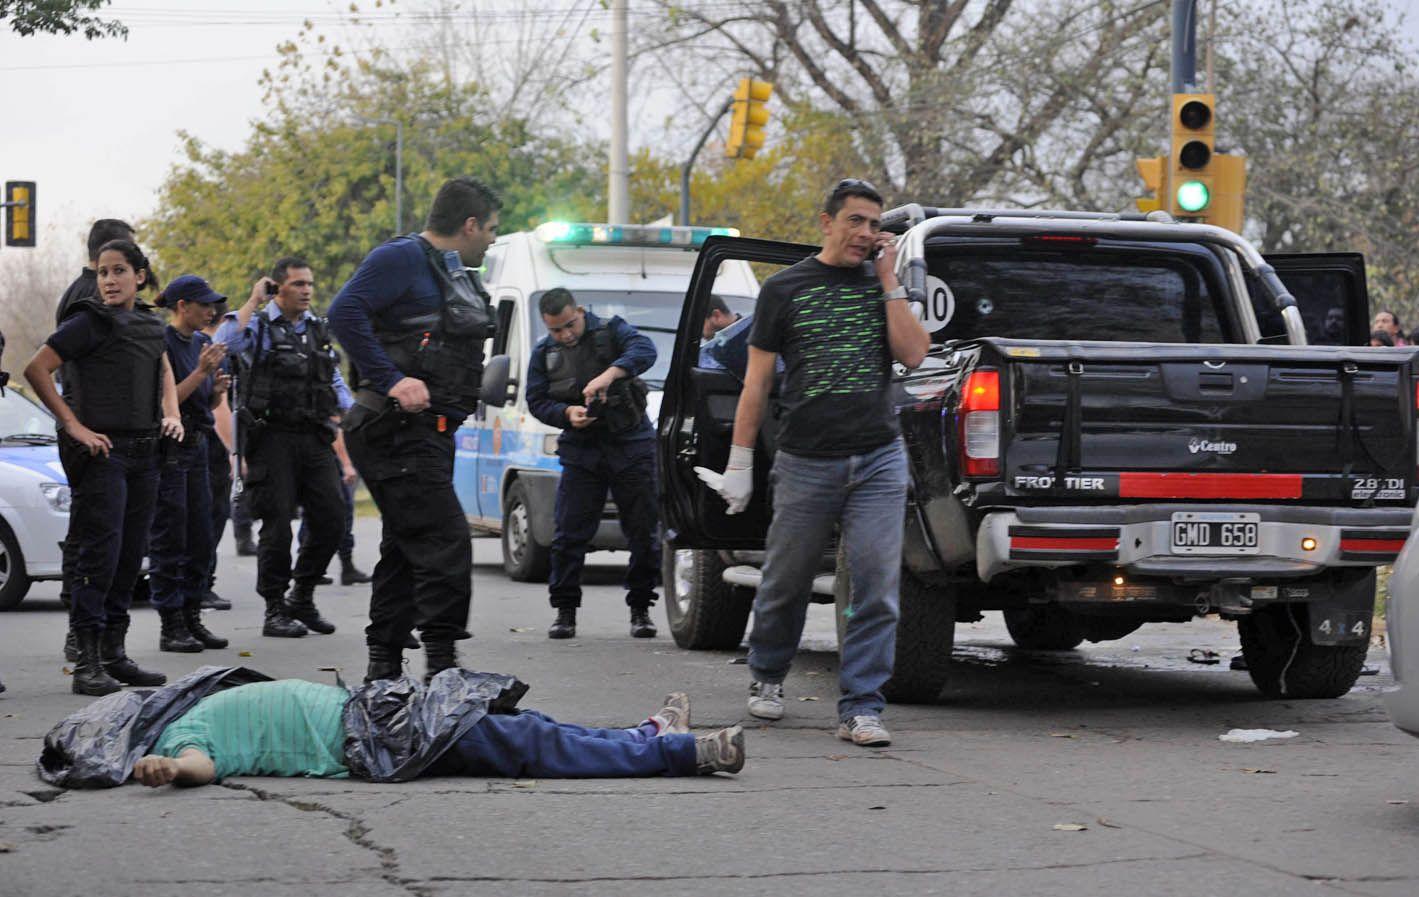 El sargento Maciel le avisó a Monchi Cantero el resultado del ataque cometido en Francia y Acevedo. (Foto: Toriggino)